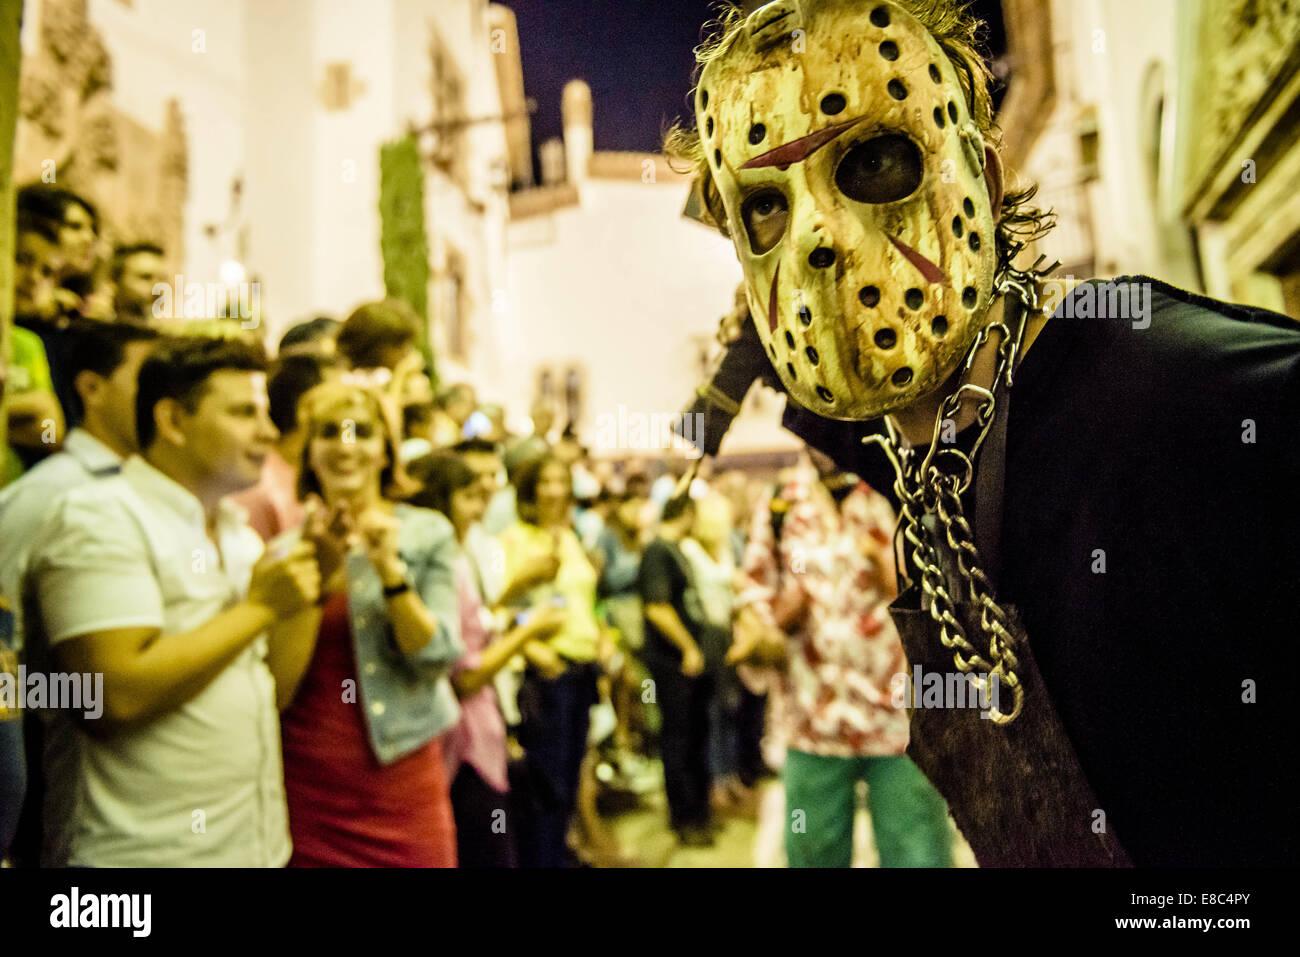 Sitges, Spagna. 4 Ott 2014. Gli zombie di tutti i tipi si riuniscono per la Sitges Zombie a piedi 2014 Credit: Matthias Foto Stock